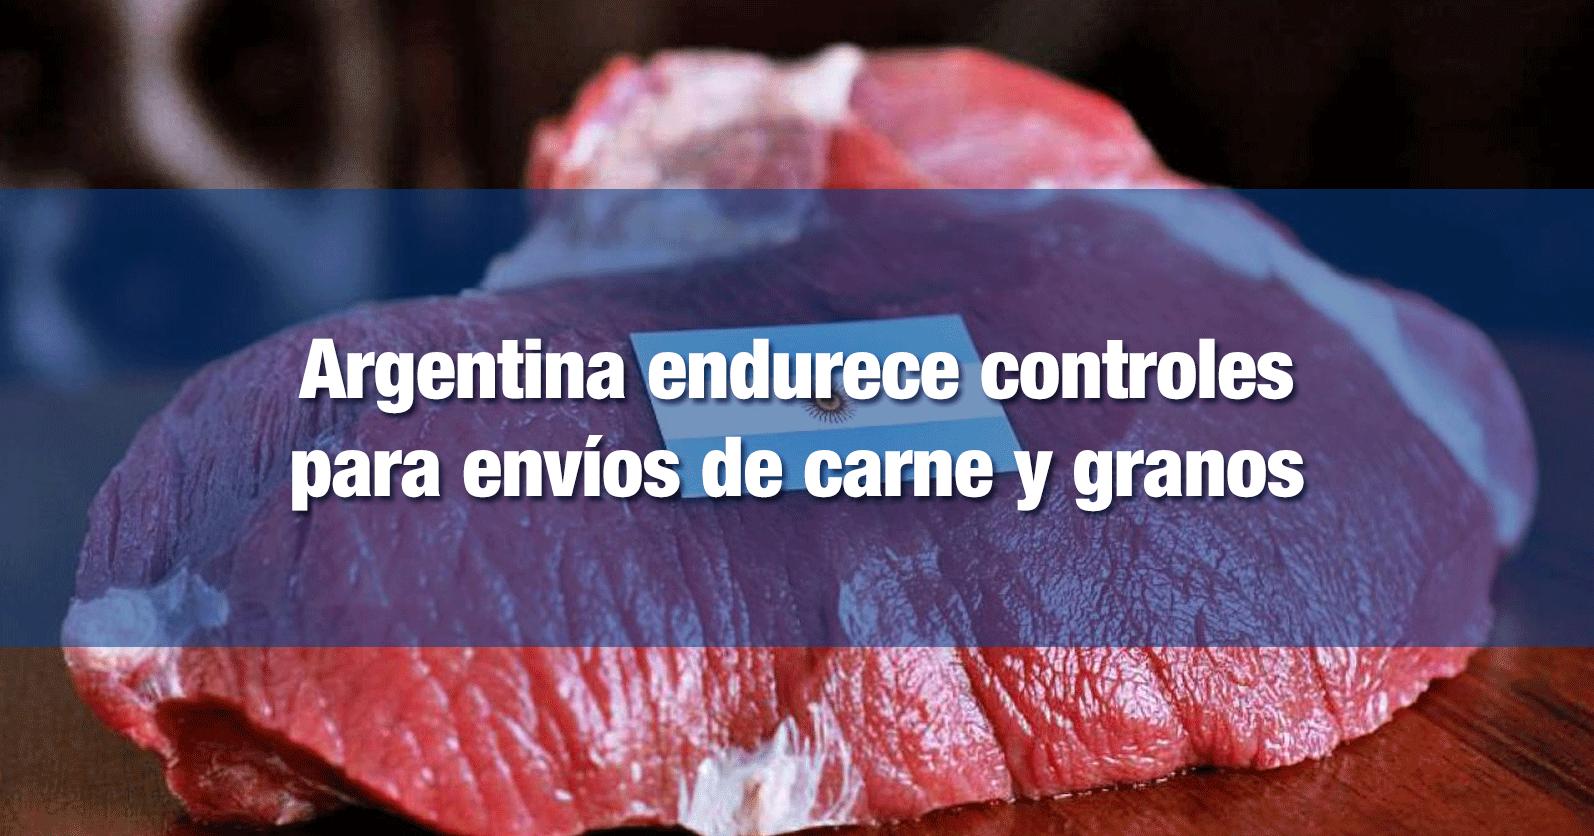 Argentina endurece controles para envíos de carne y granos